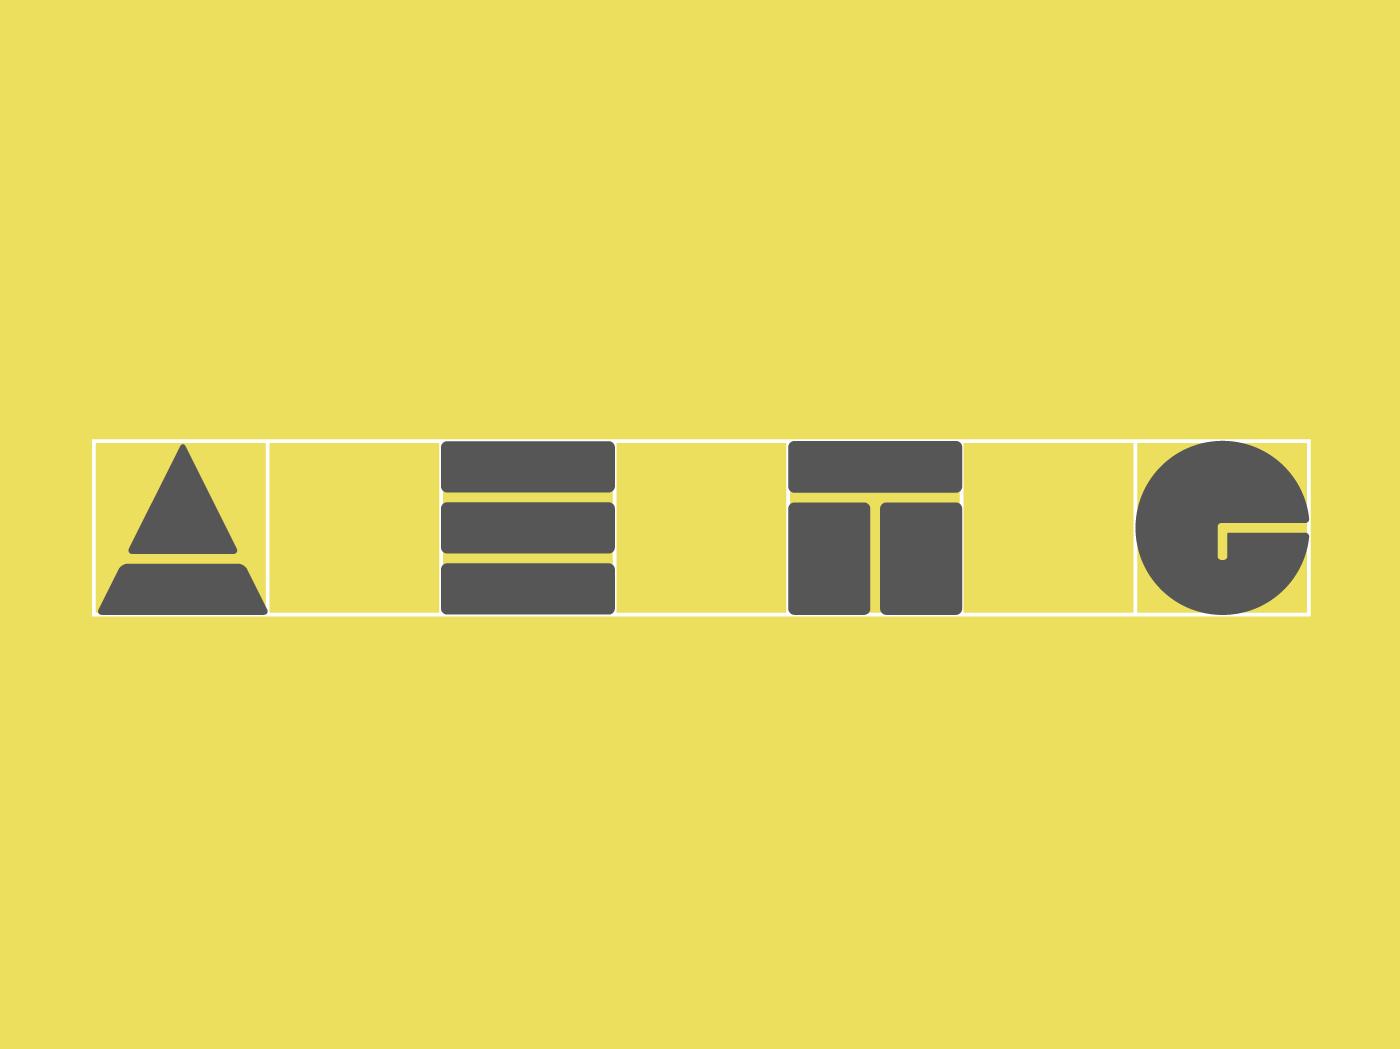 Estructura interna logotipo aetg